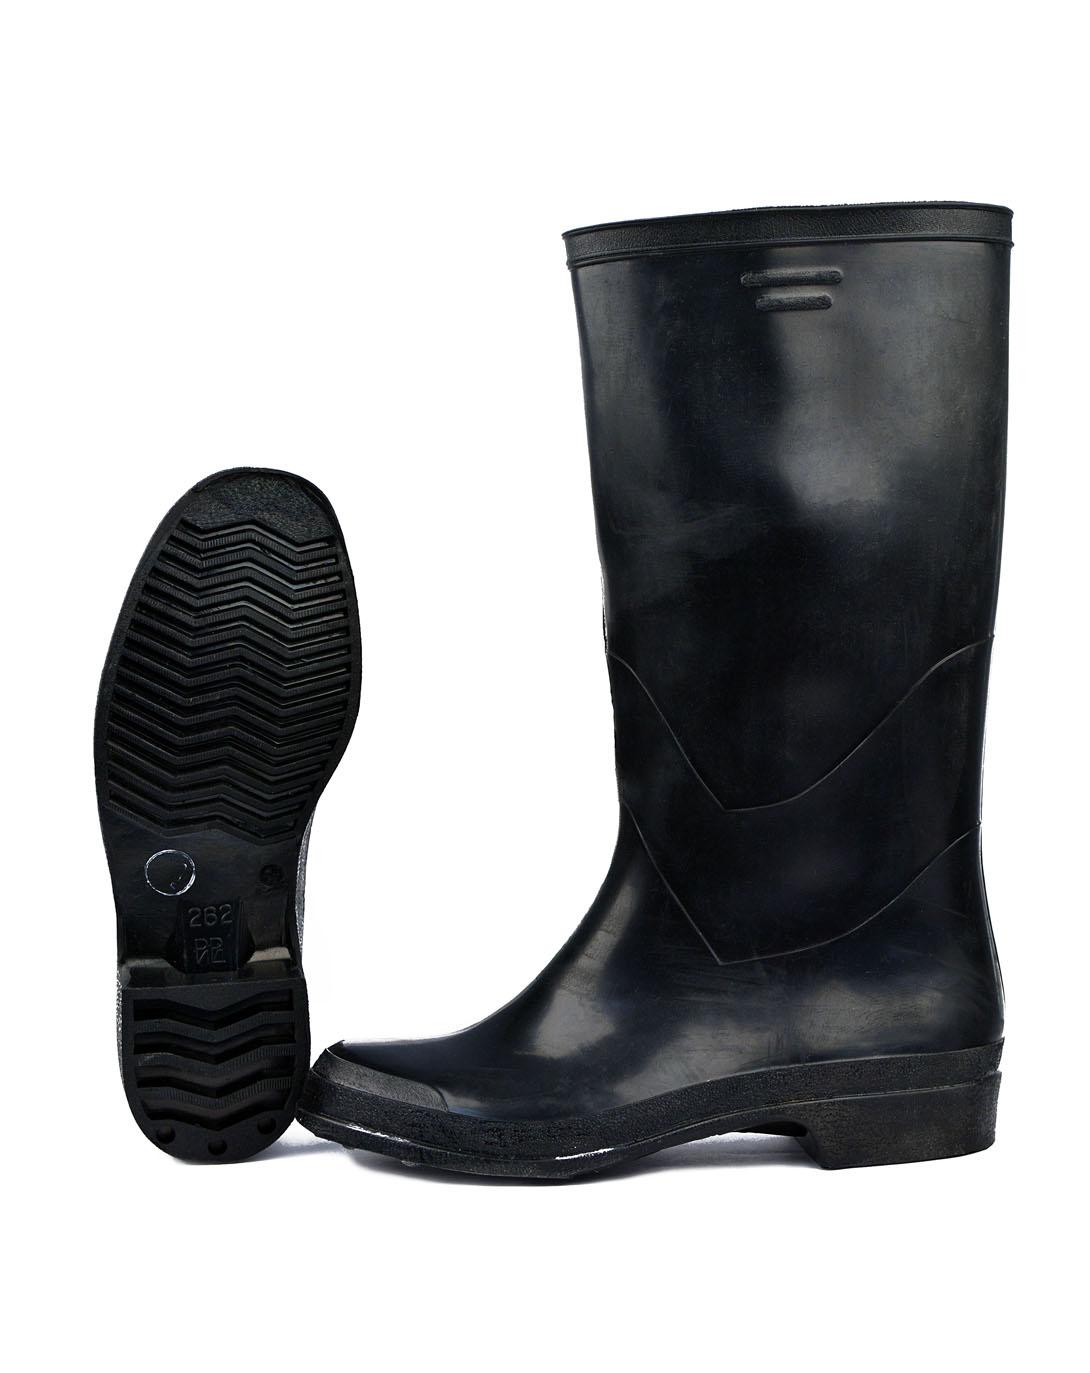 Сапоги резиновые мужские черные (46(евро Сапоги для активного отдыха<br>Сапоги изготовлены формованным способом <br>- предназначены для защиты ног от воды и <br>общепроизводственных загрязнений. Высота <br>сапога 39 - 40 см.<br><br>Пол: мужской<br>Размер: 46(евро 47)<br>Сезон: лето<br>Цвет: черный<br>Материал: резина